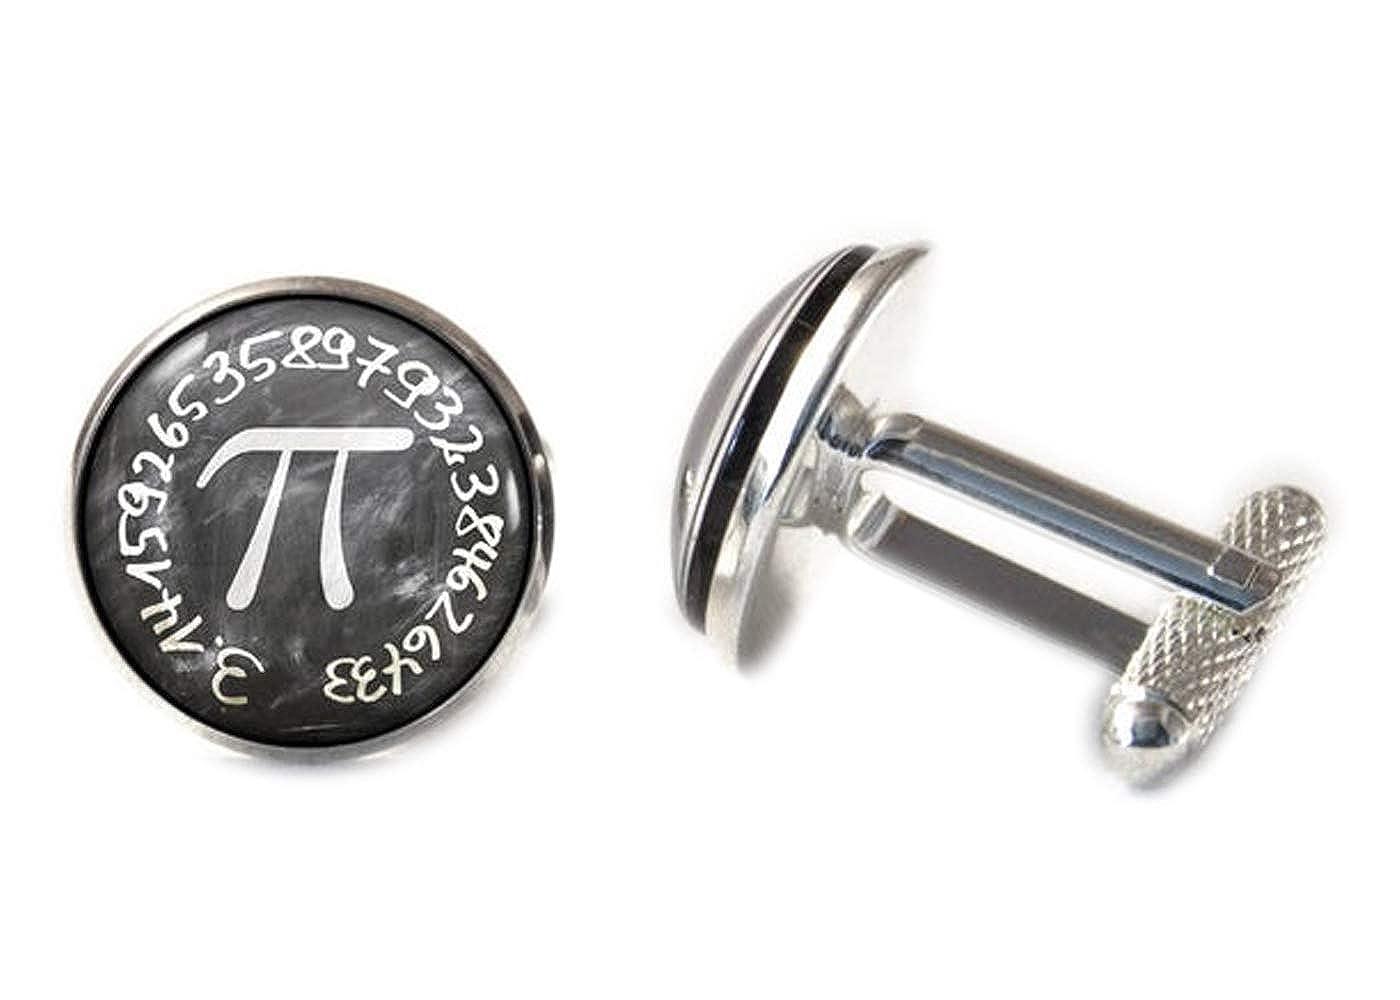 Pi Nombre de manchette cadeaux de science Geek Bijoux Maths Boutons de manchette